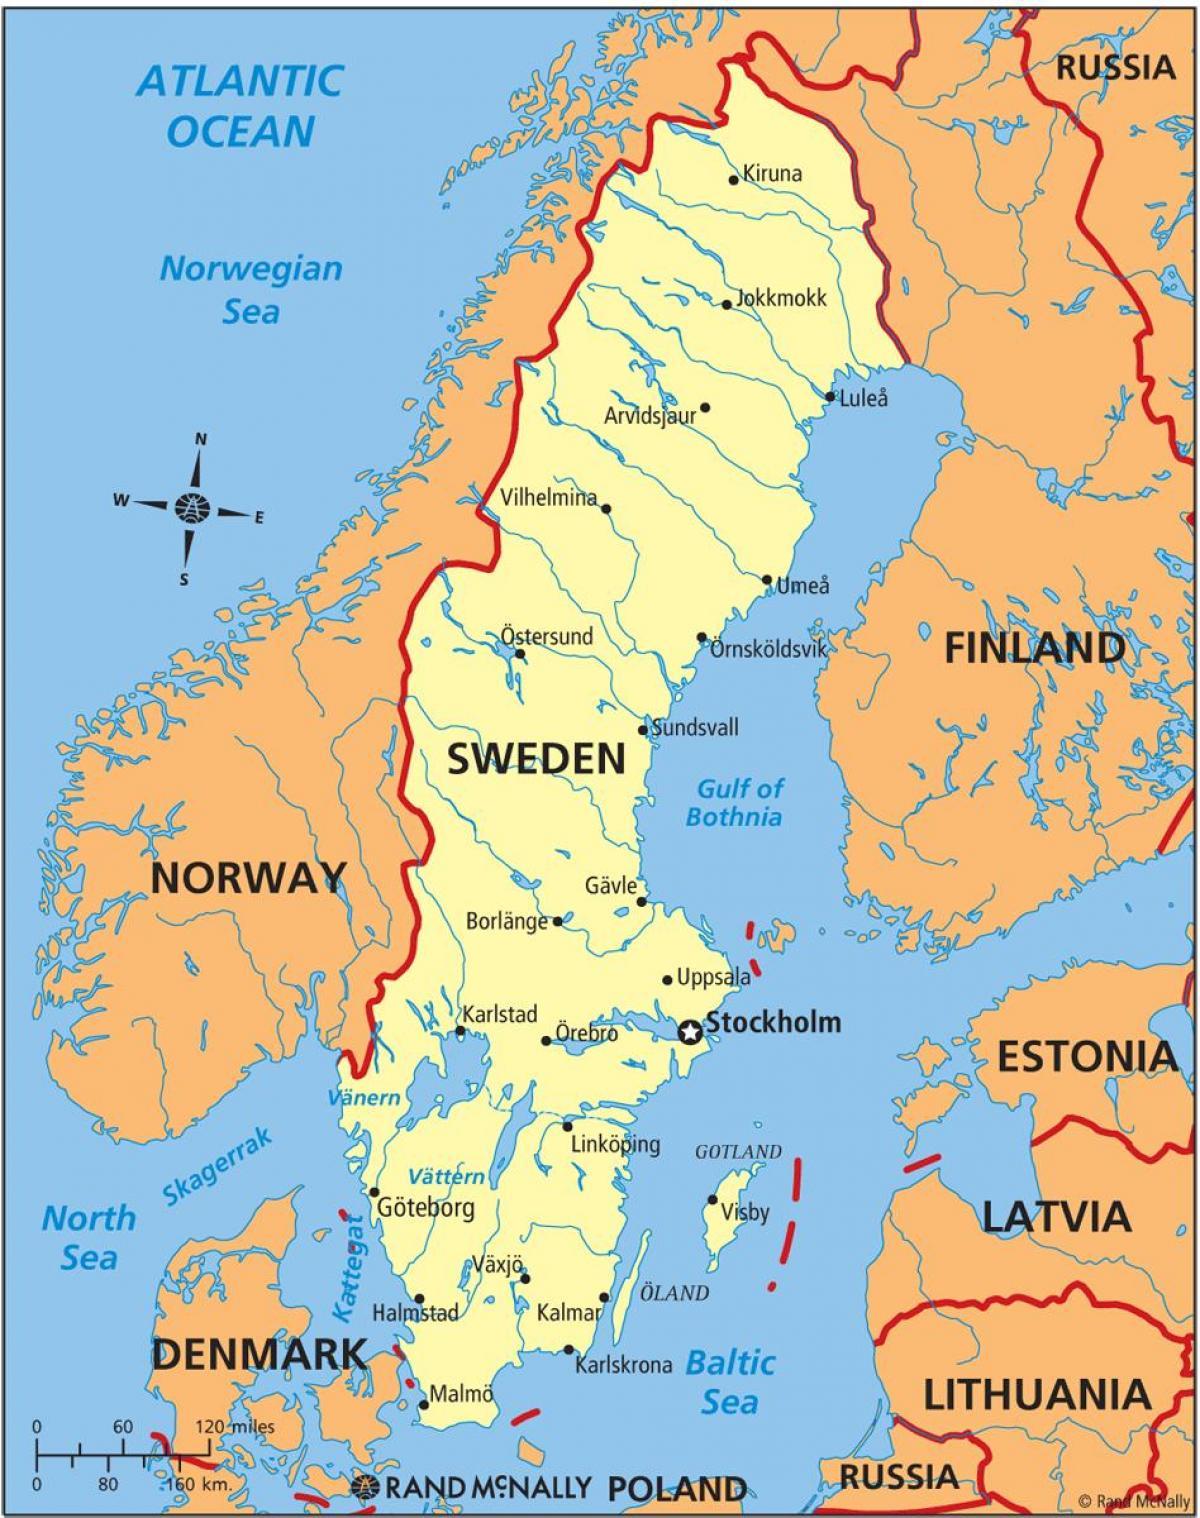 Kort Over Sverige I Sverige Pa Et Kort I Det Nordlige Europa